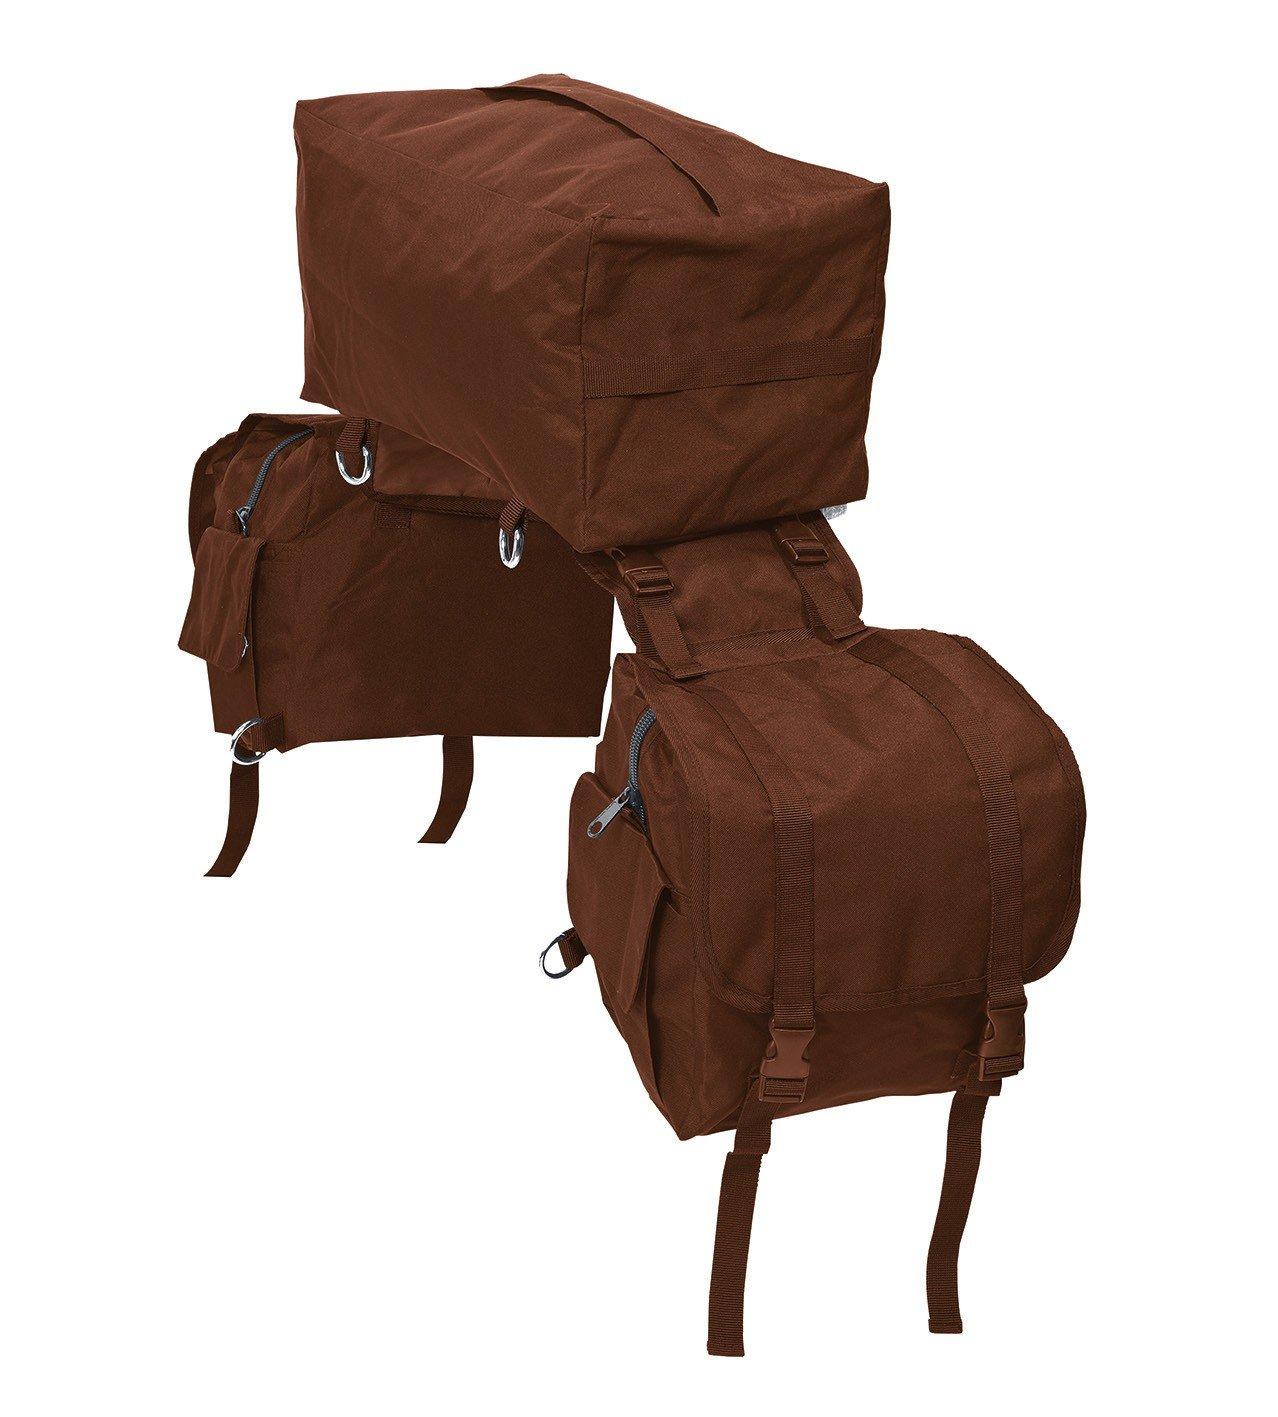 Saddle Bag 3-in-1, STANDARD, black